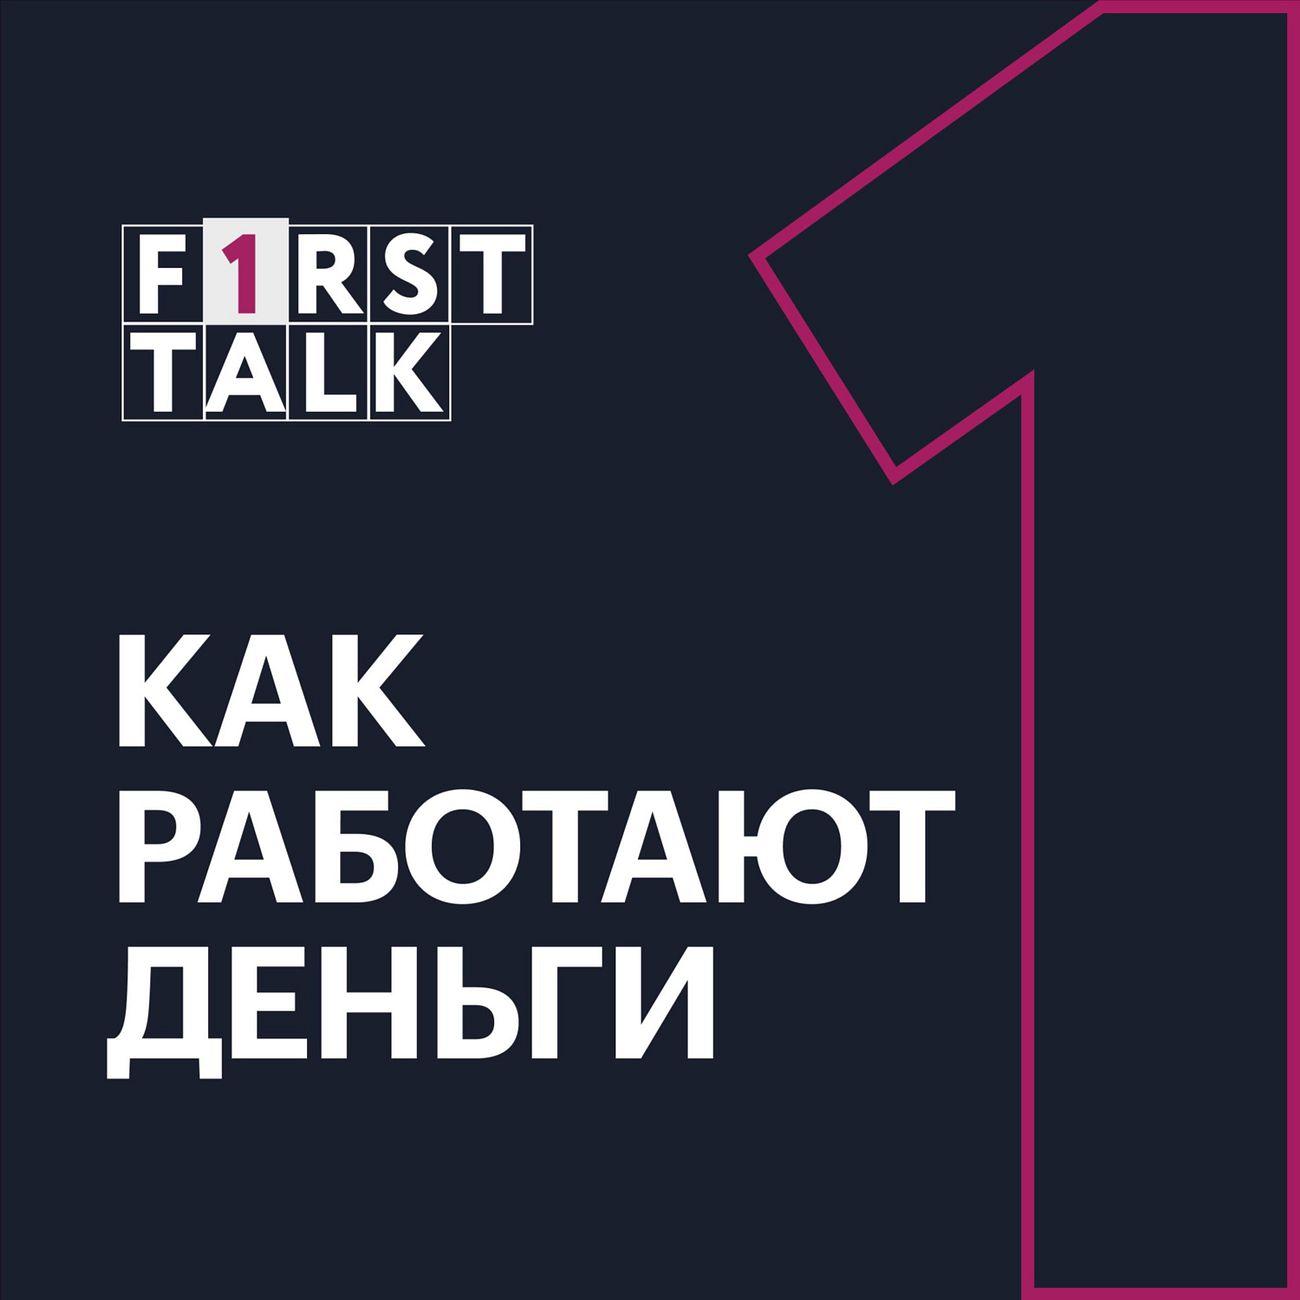 F1RST TALK. Как работают деньги